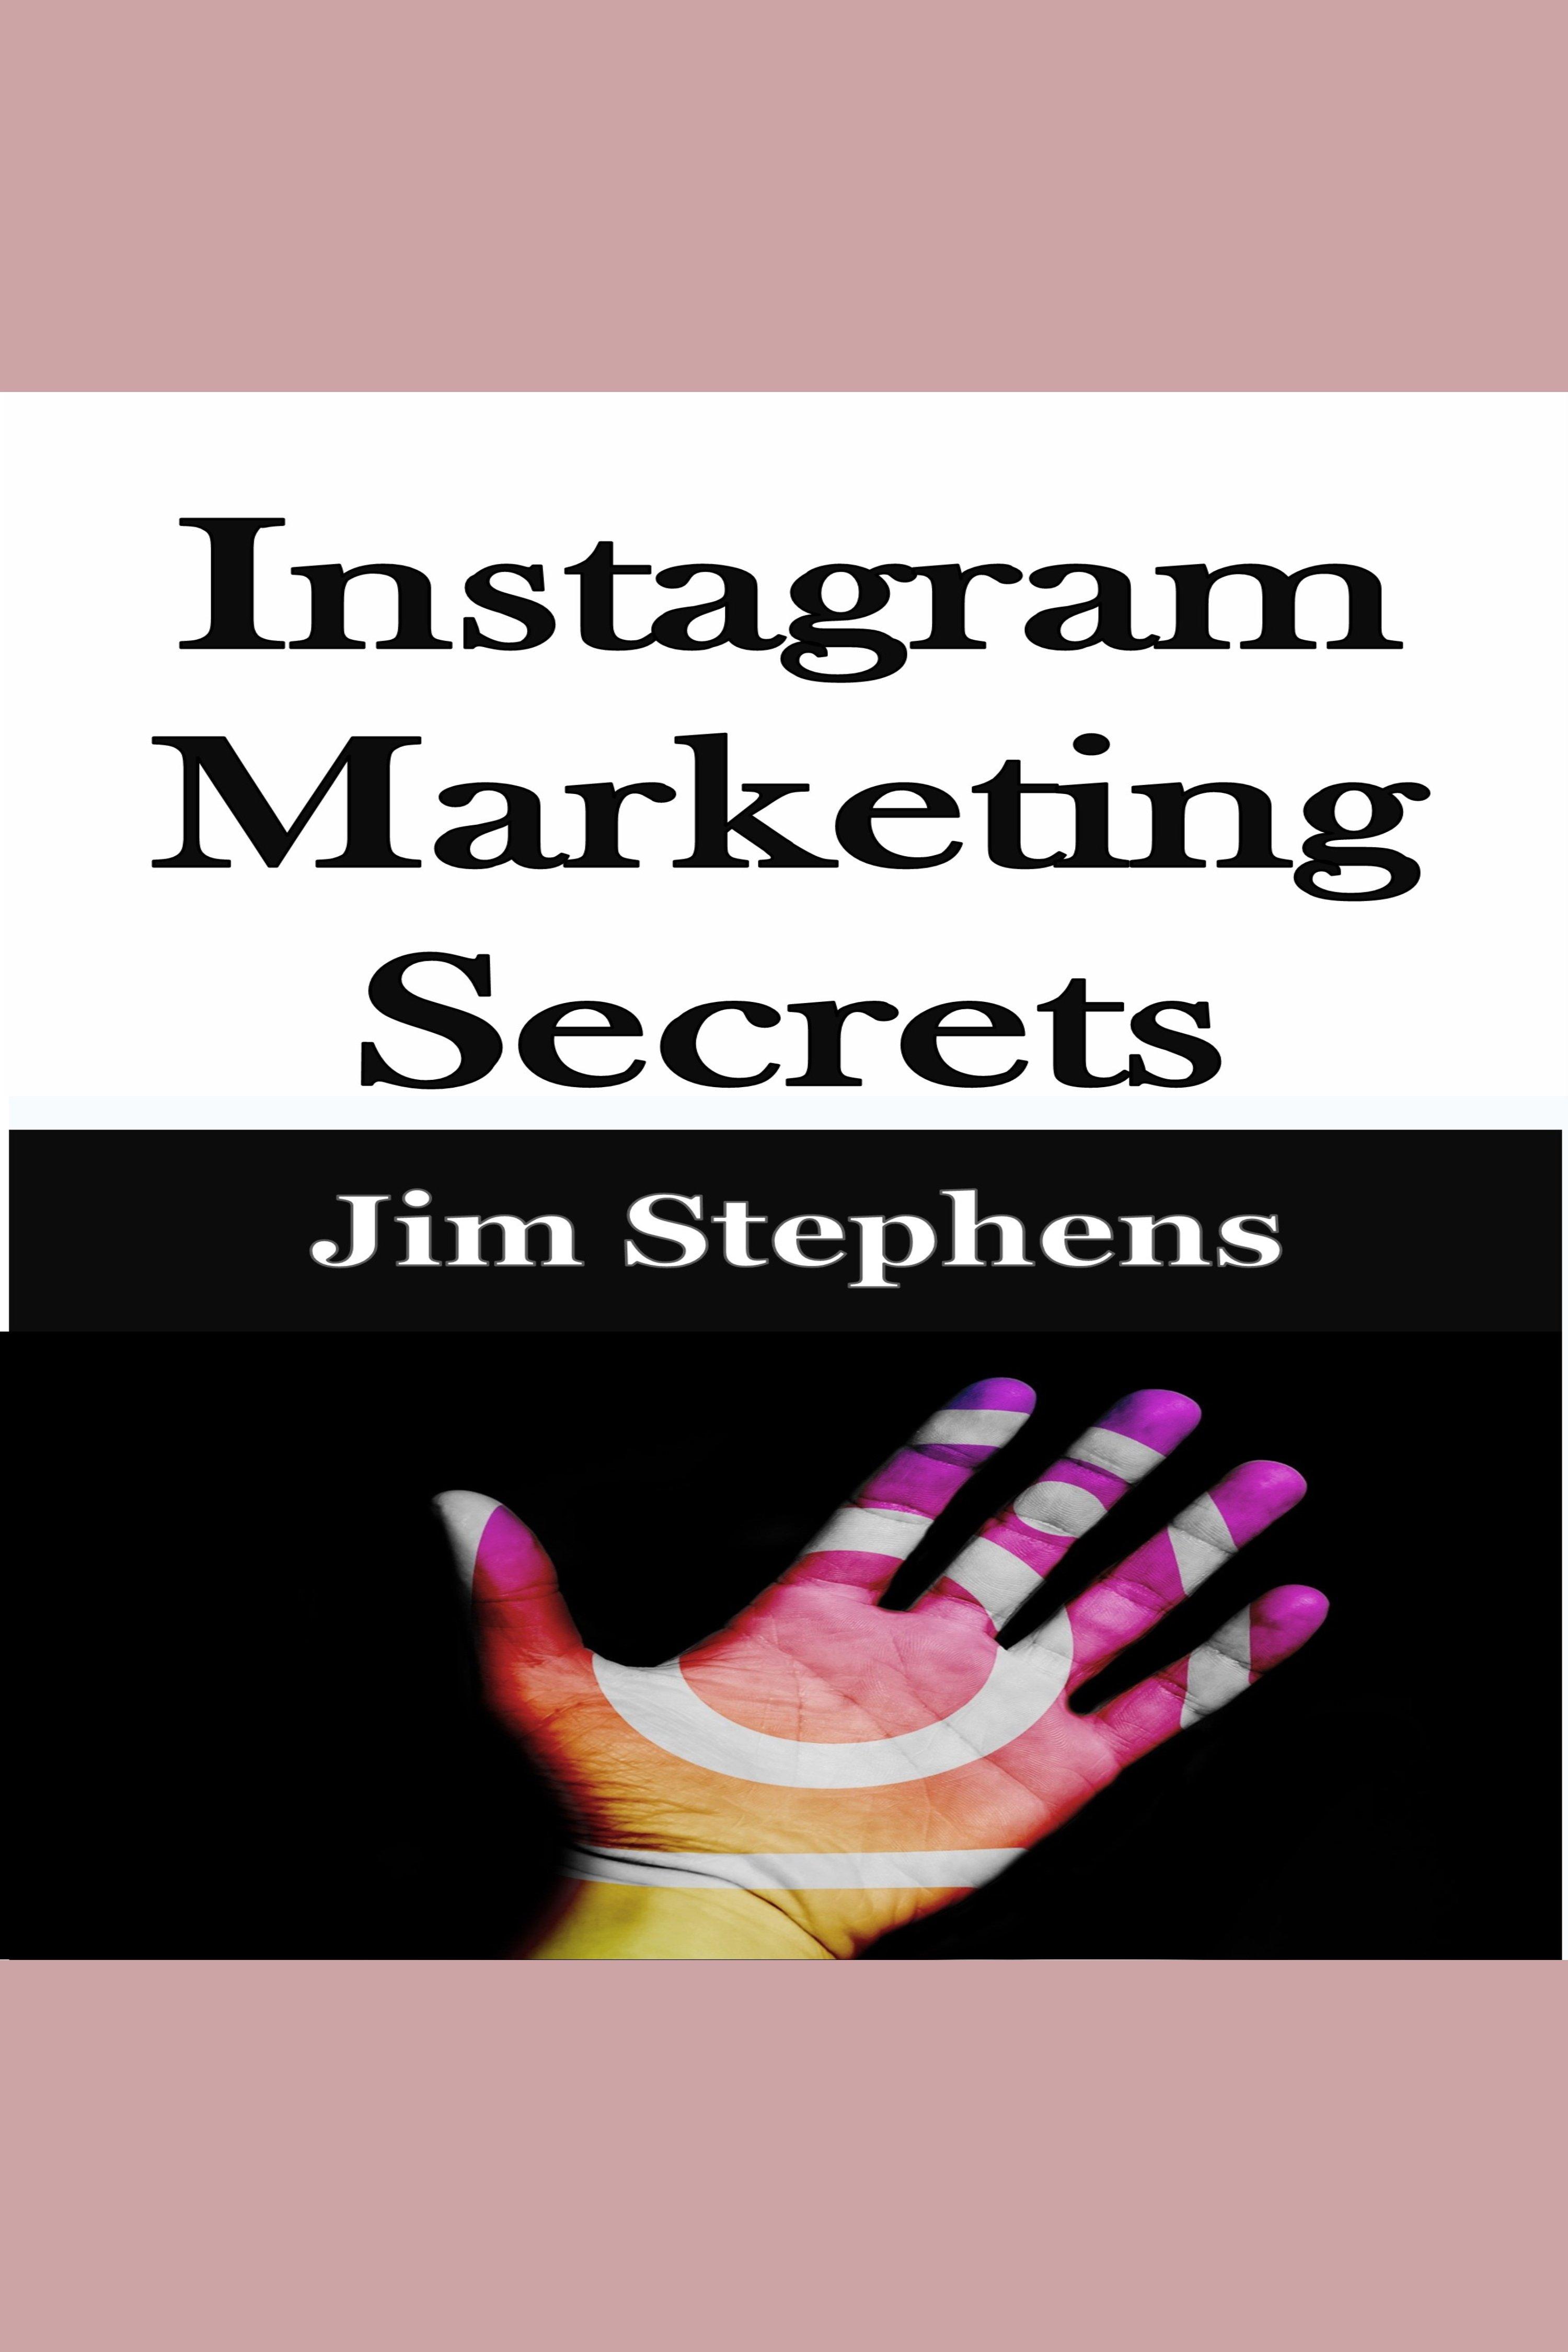 Esta es la portada del audiolibro Instagram Marketing Secrets